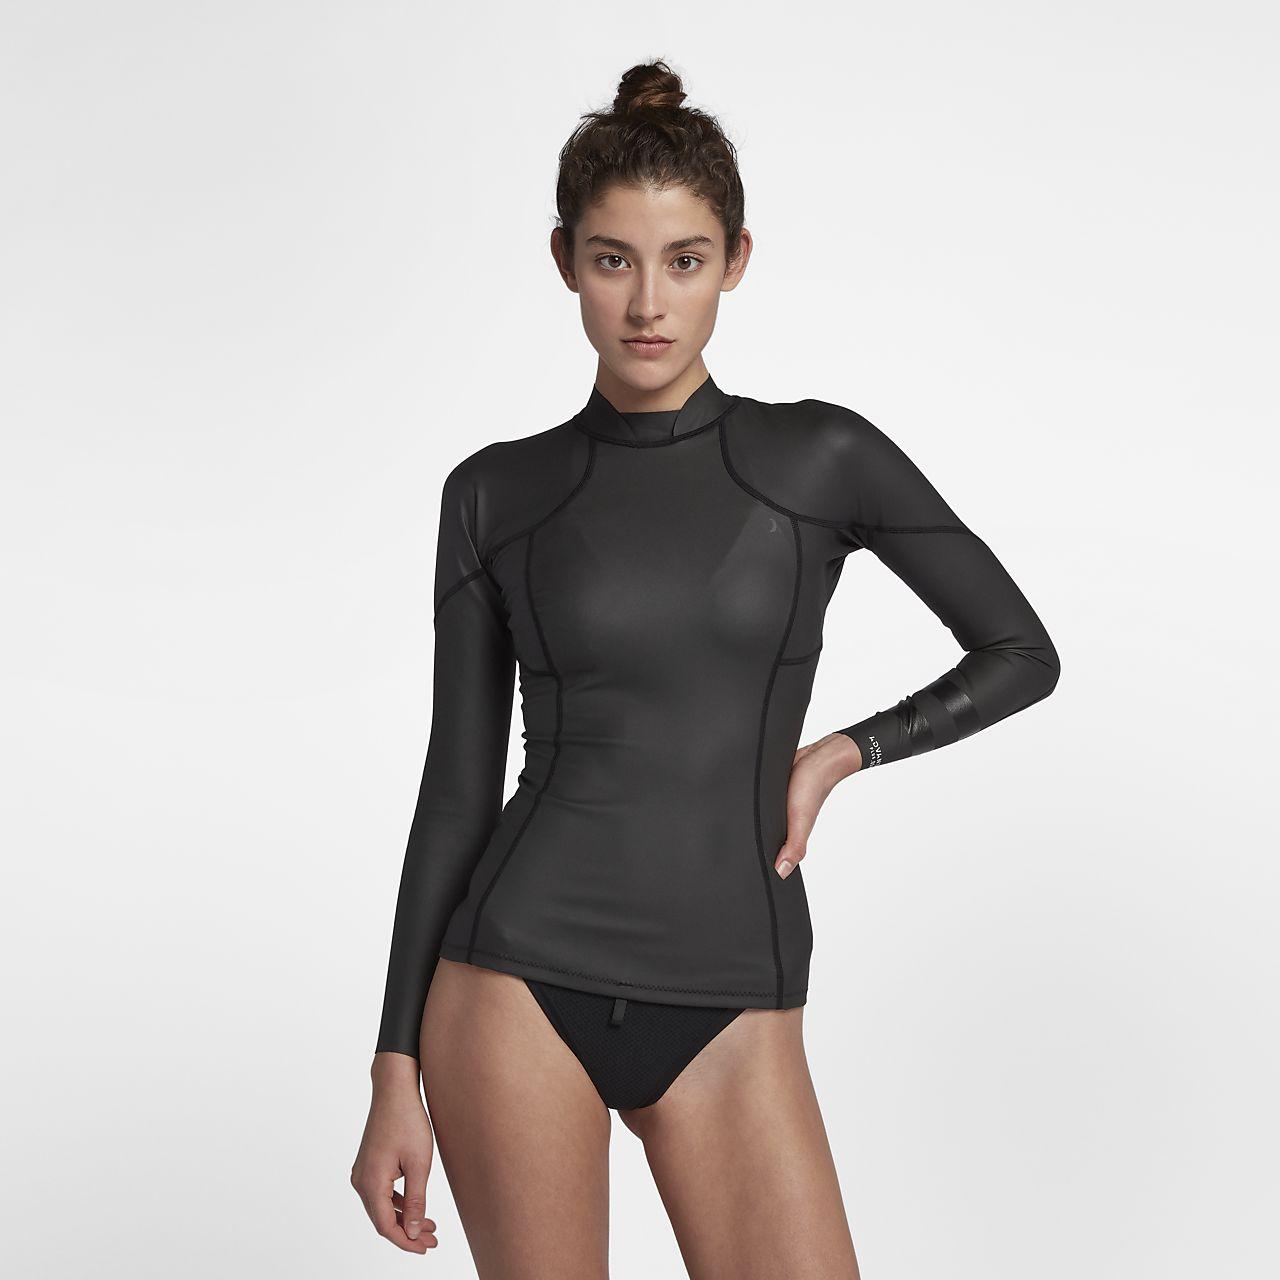 Hurley Advantage Plus 0.5mm Windskin Jacket Women's Wetsuit